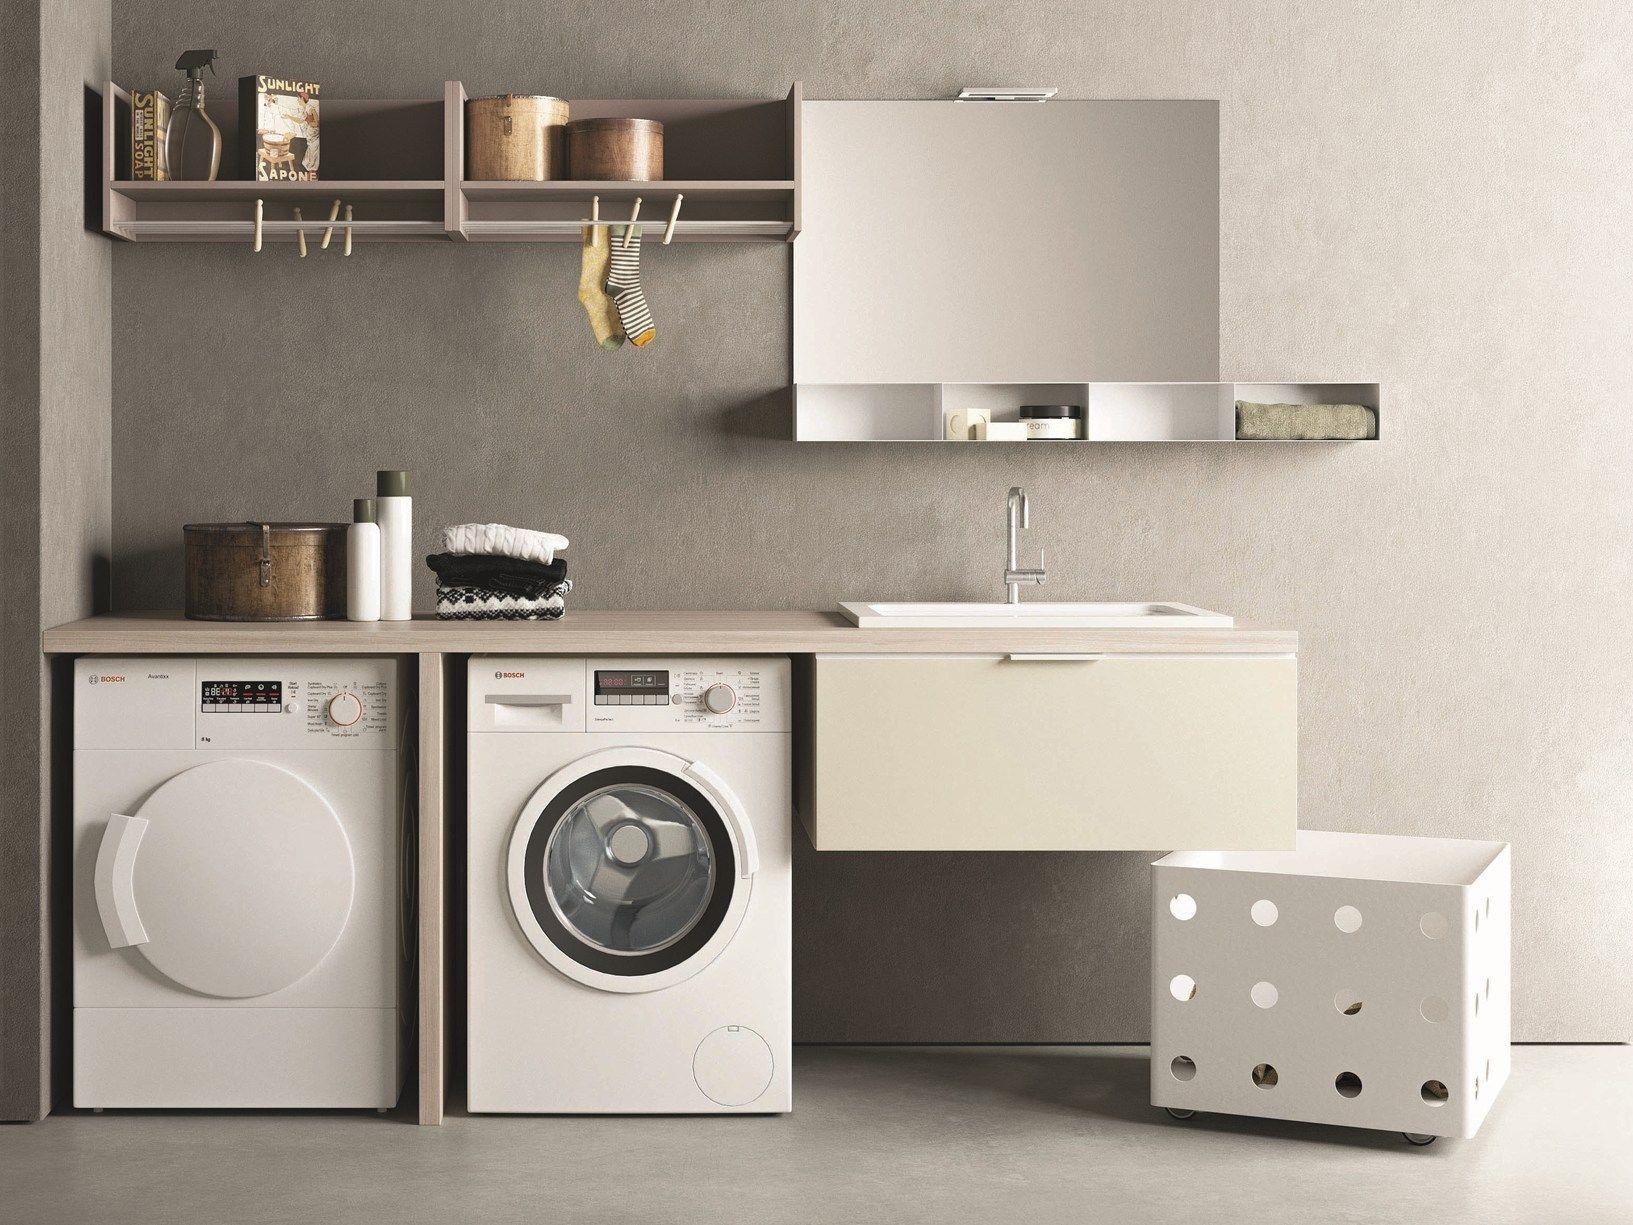 Drop la lavanderia componibile e modulare firmata novello - Mobile porta detersivi ...